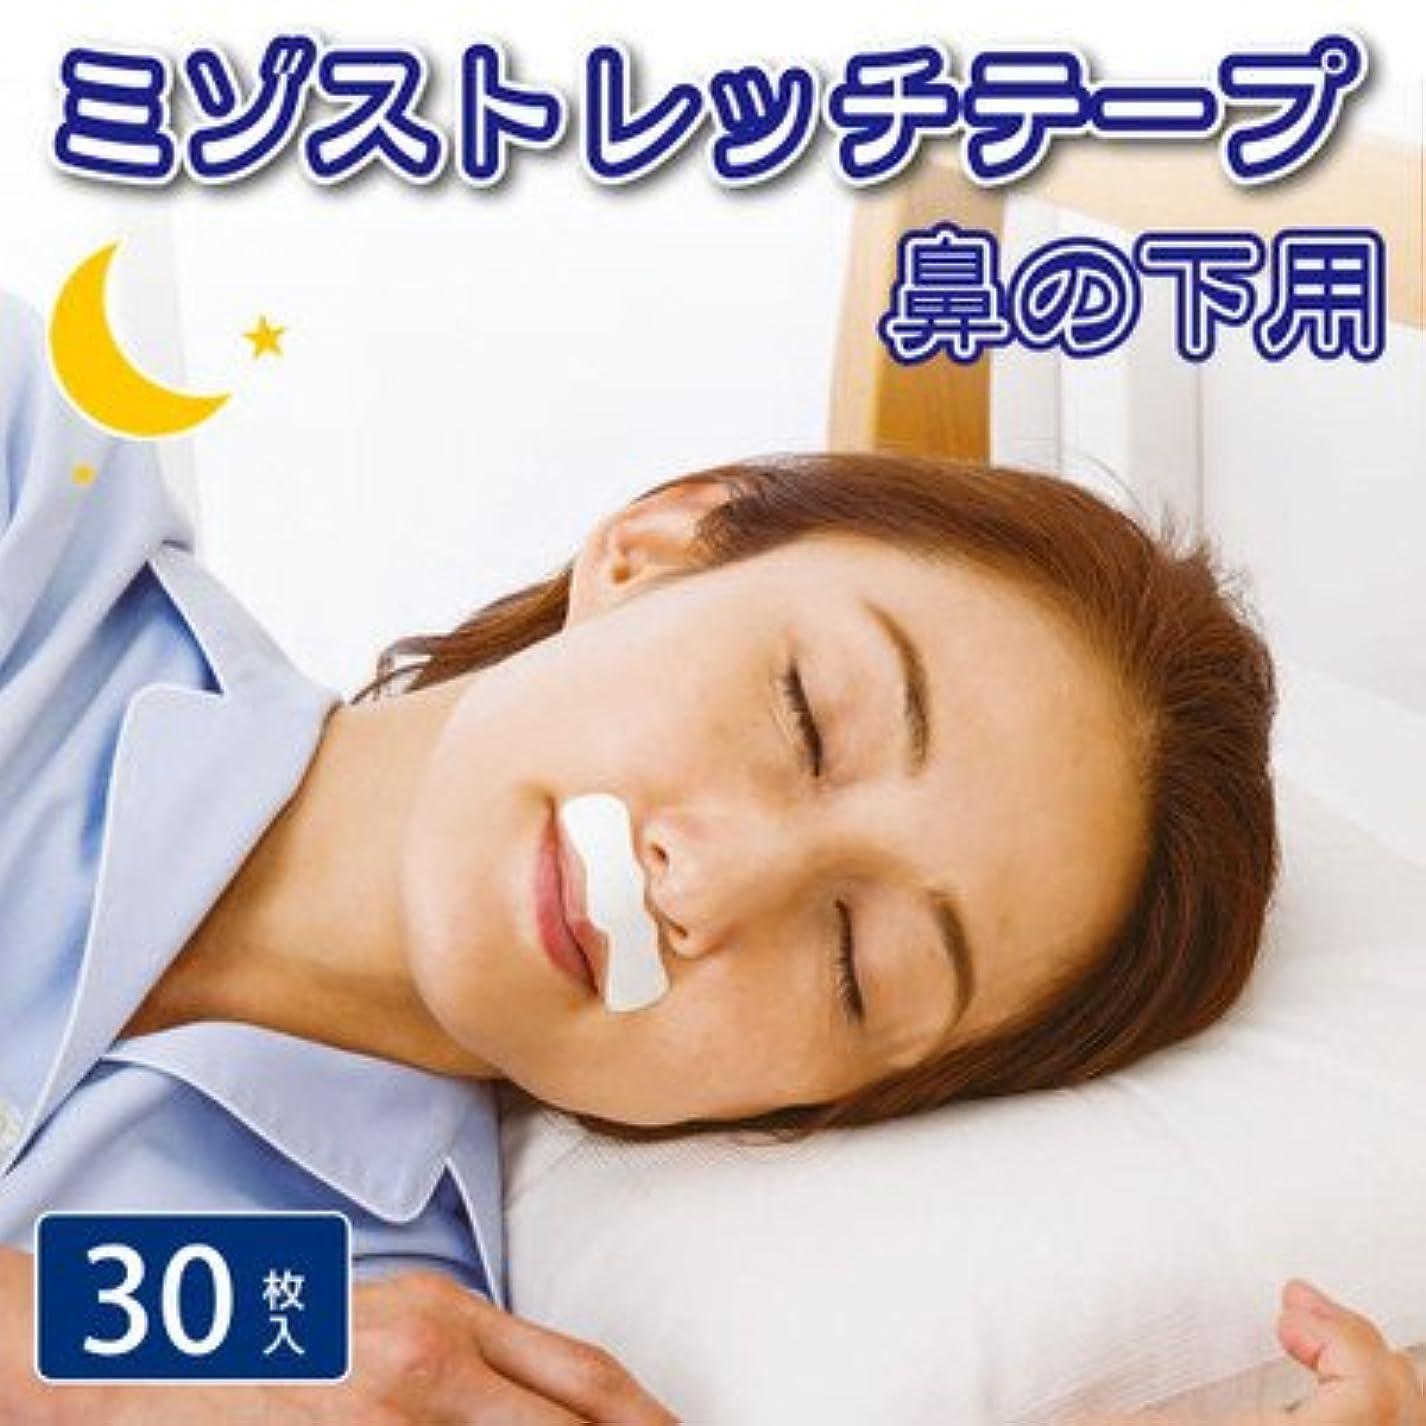 促す機会寂しい貼って寝るだけ 翌朝ピーン ミゾストレッチテープ 鼻の下用